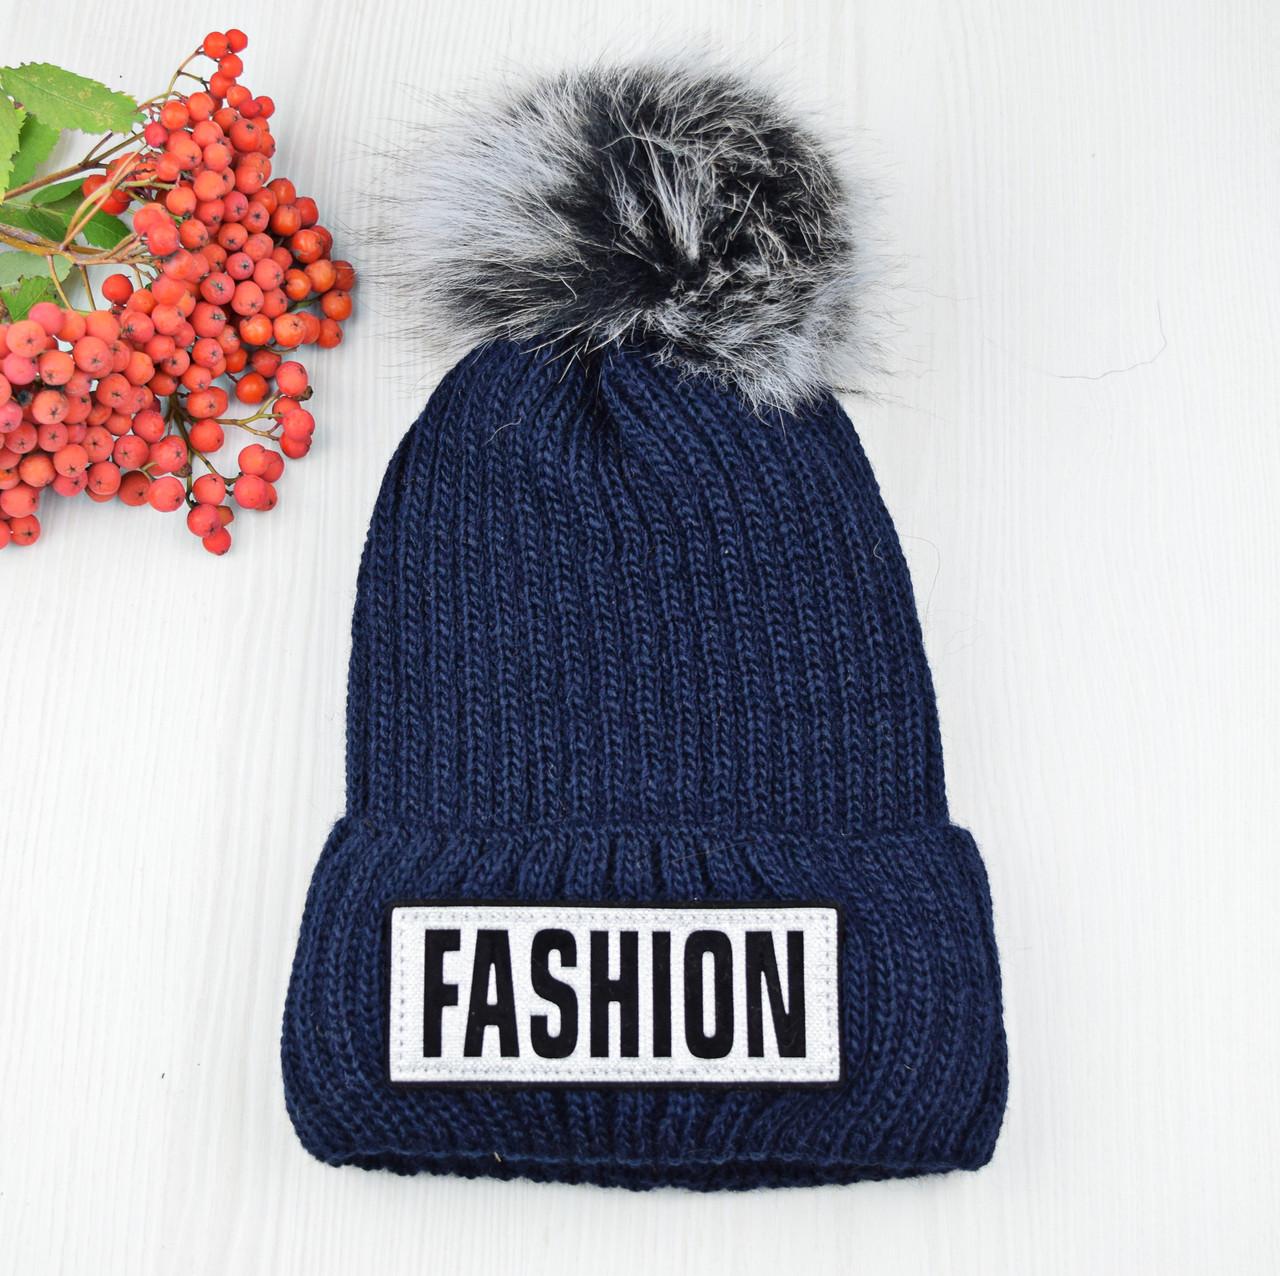 """Жіноча шапка """"Fashion"""" Темно-синя - шапка на повному флісі з помпоном Топ"""